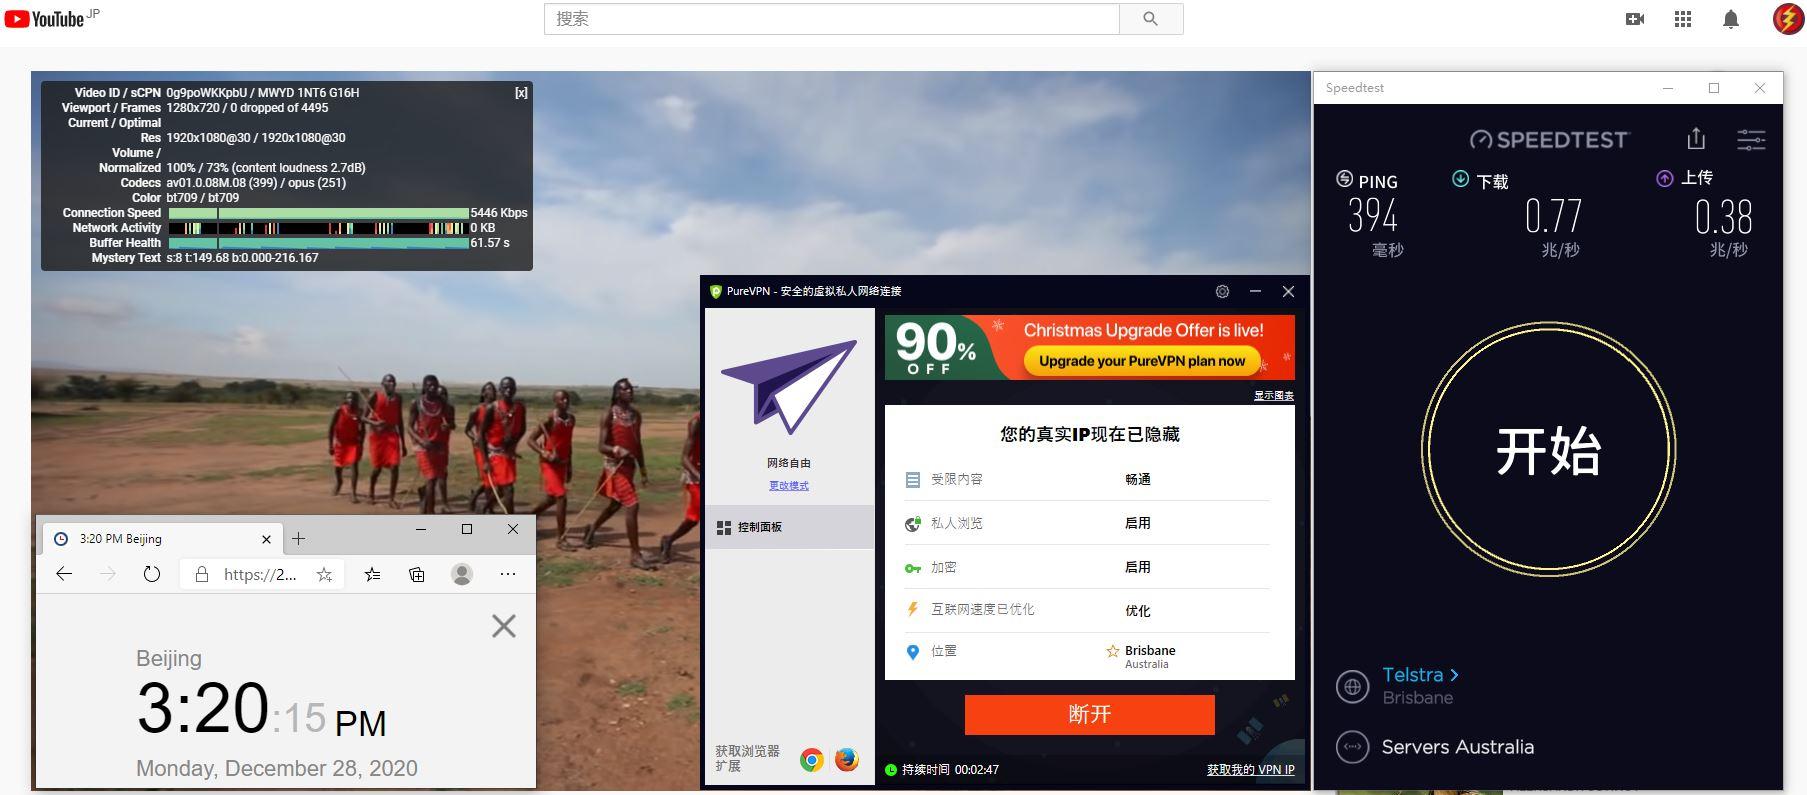 Windows10 PureVPN Australia 服务器 中国VPN 翻墙 科学上网 10Beasts Barry测试 - 20201228